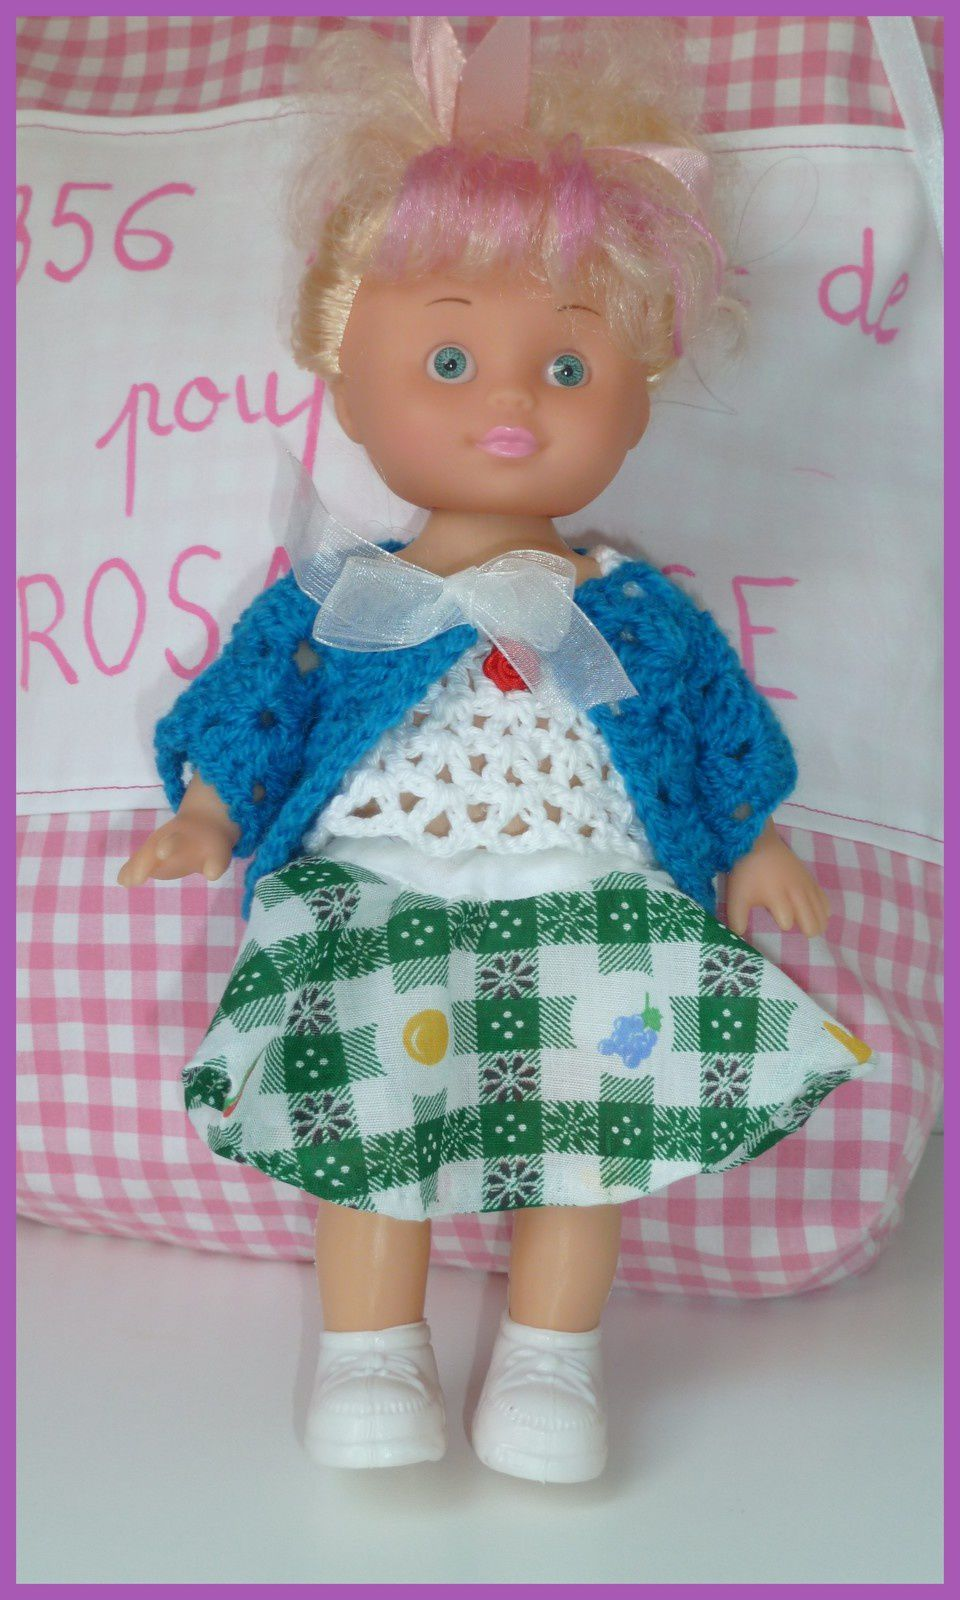 N°356 Le sac de la poupée Rosa Rose